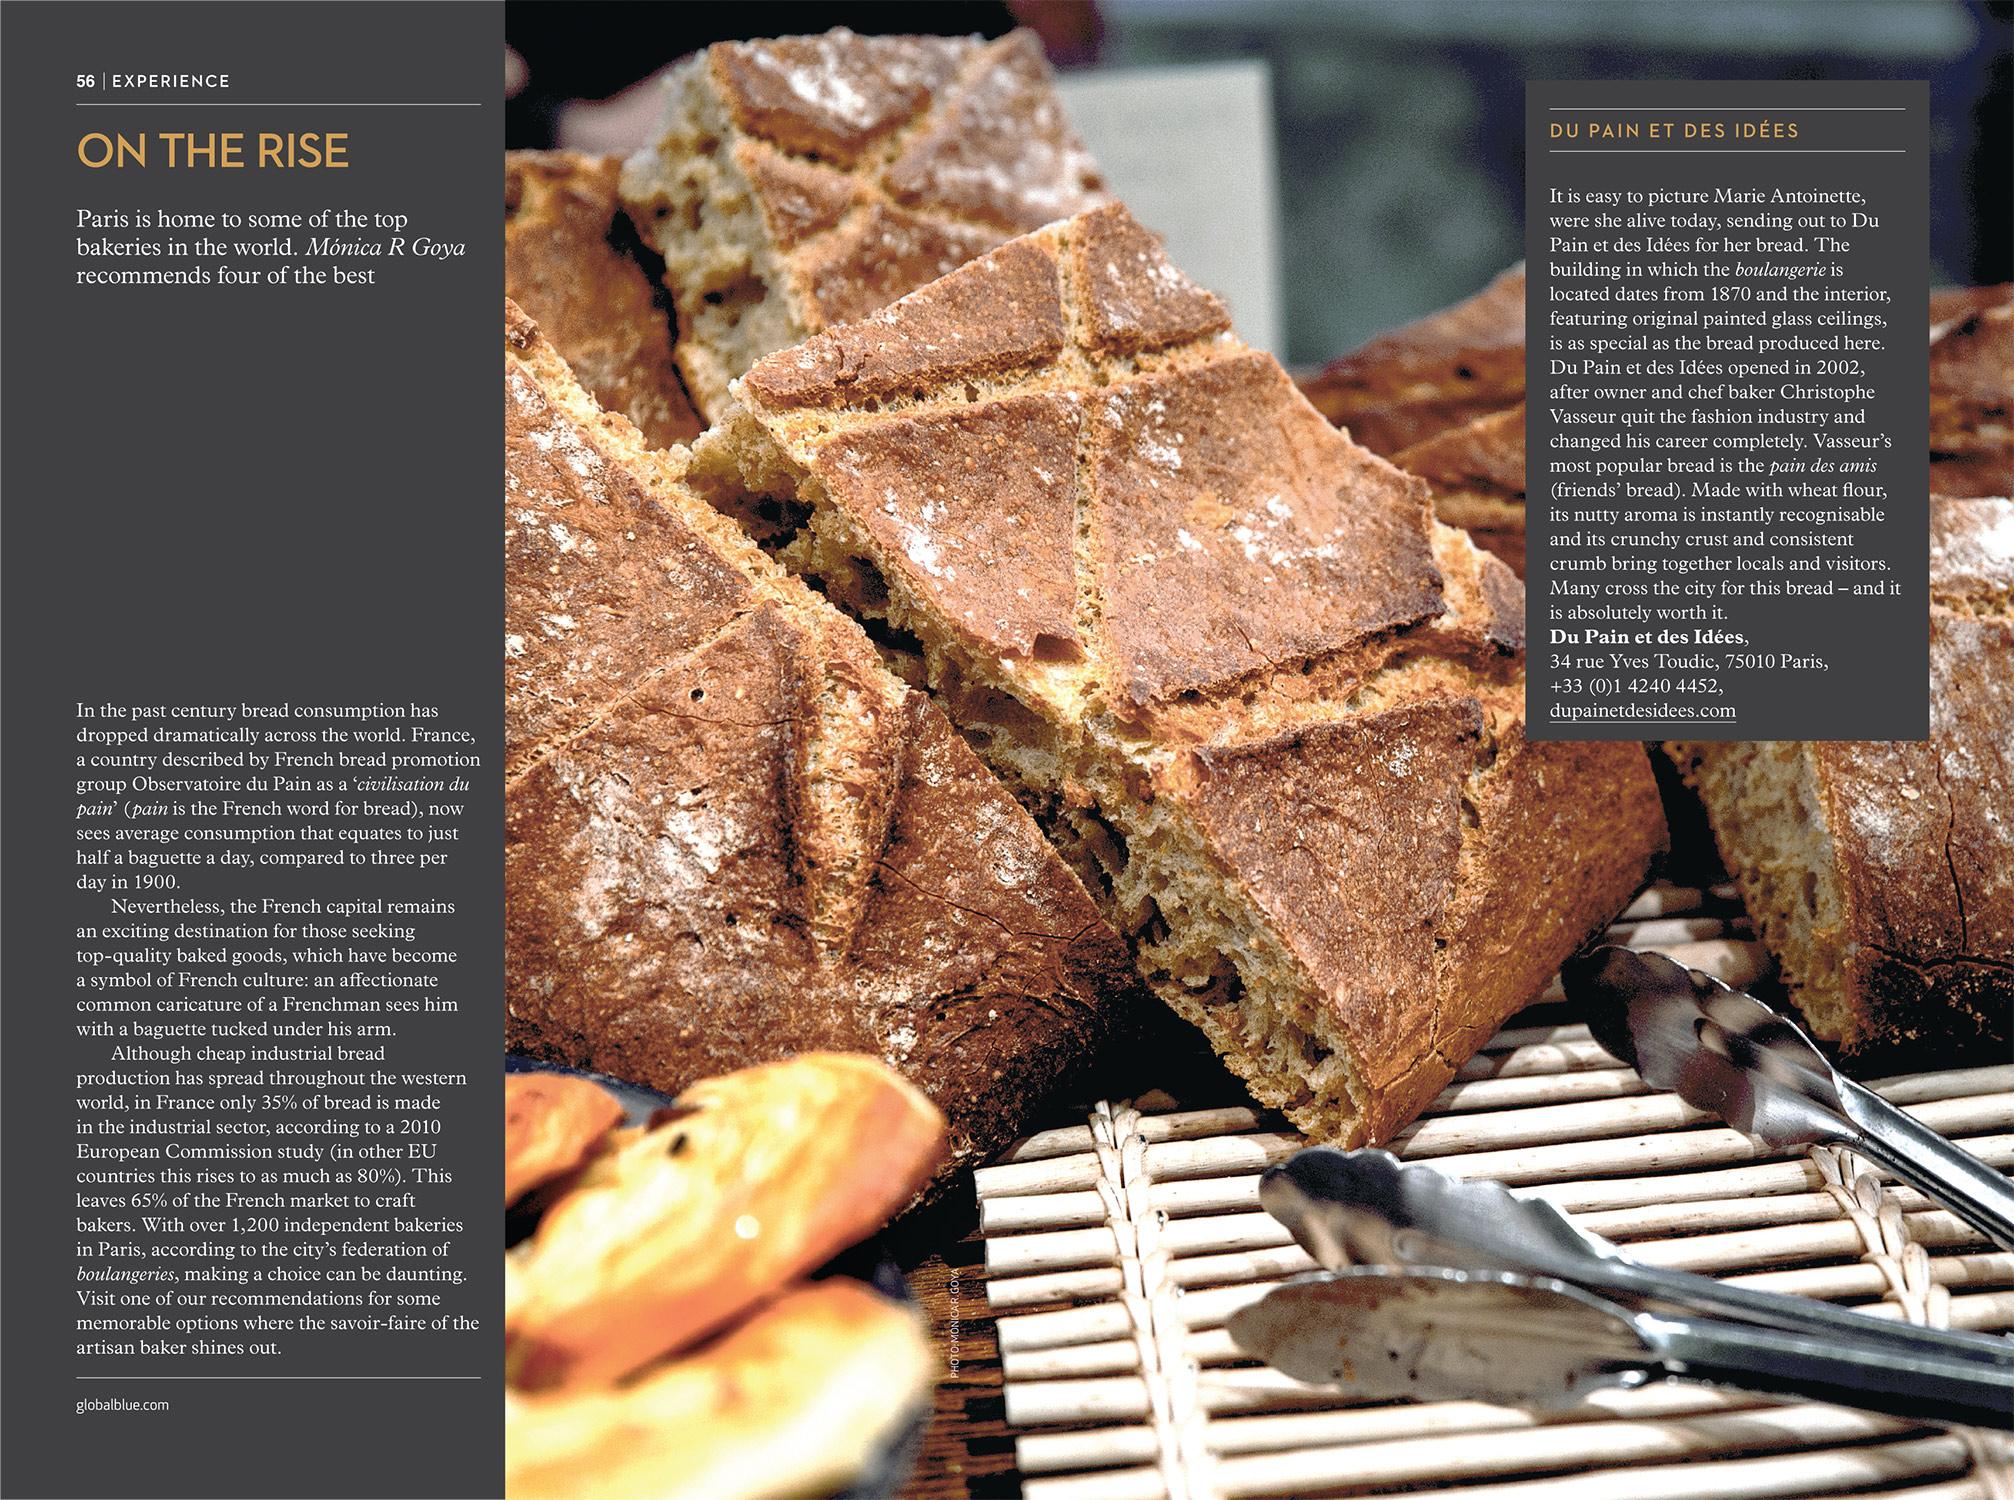 Best Bakeries in Paris - SHOP magazine Paris Style edition SS17 - Words & Photography